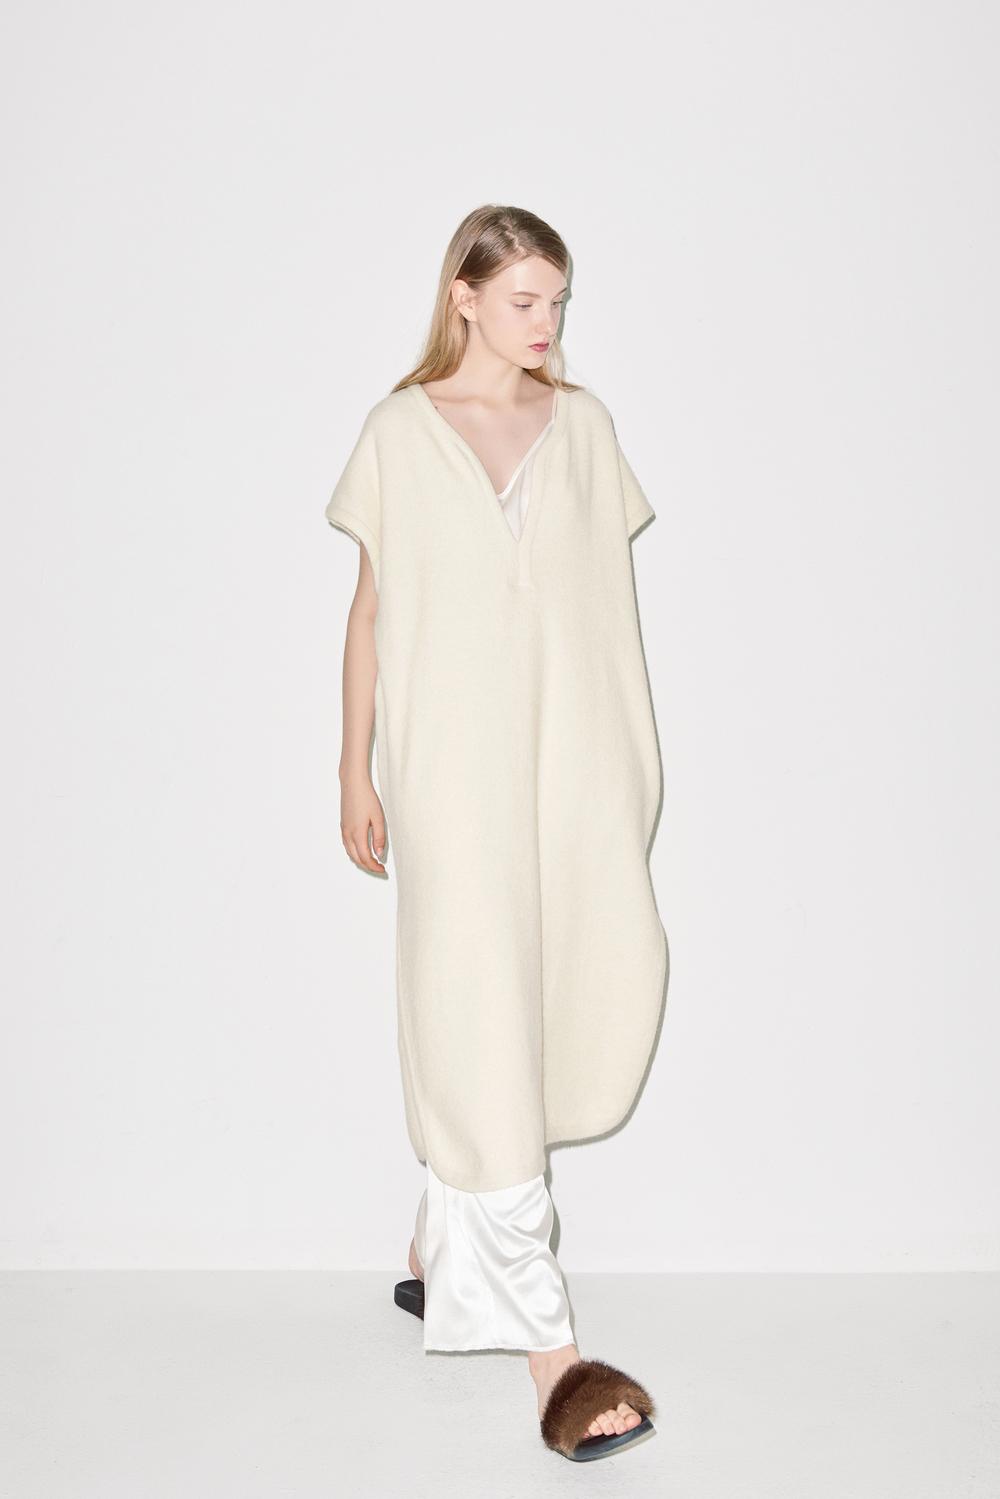 KD02. Ivory knit dress, P04. White silk pants